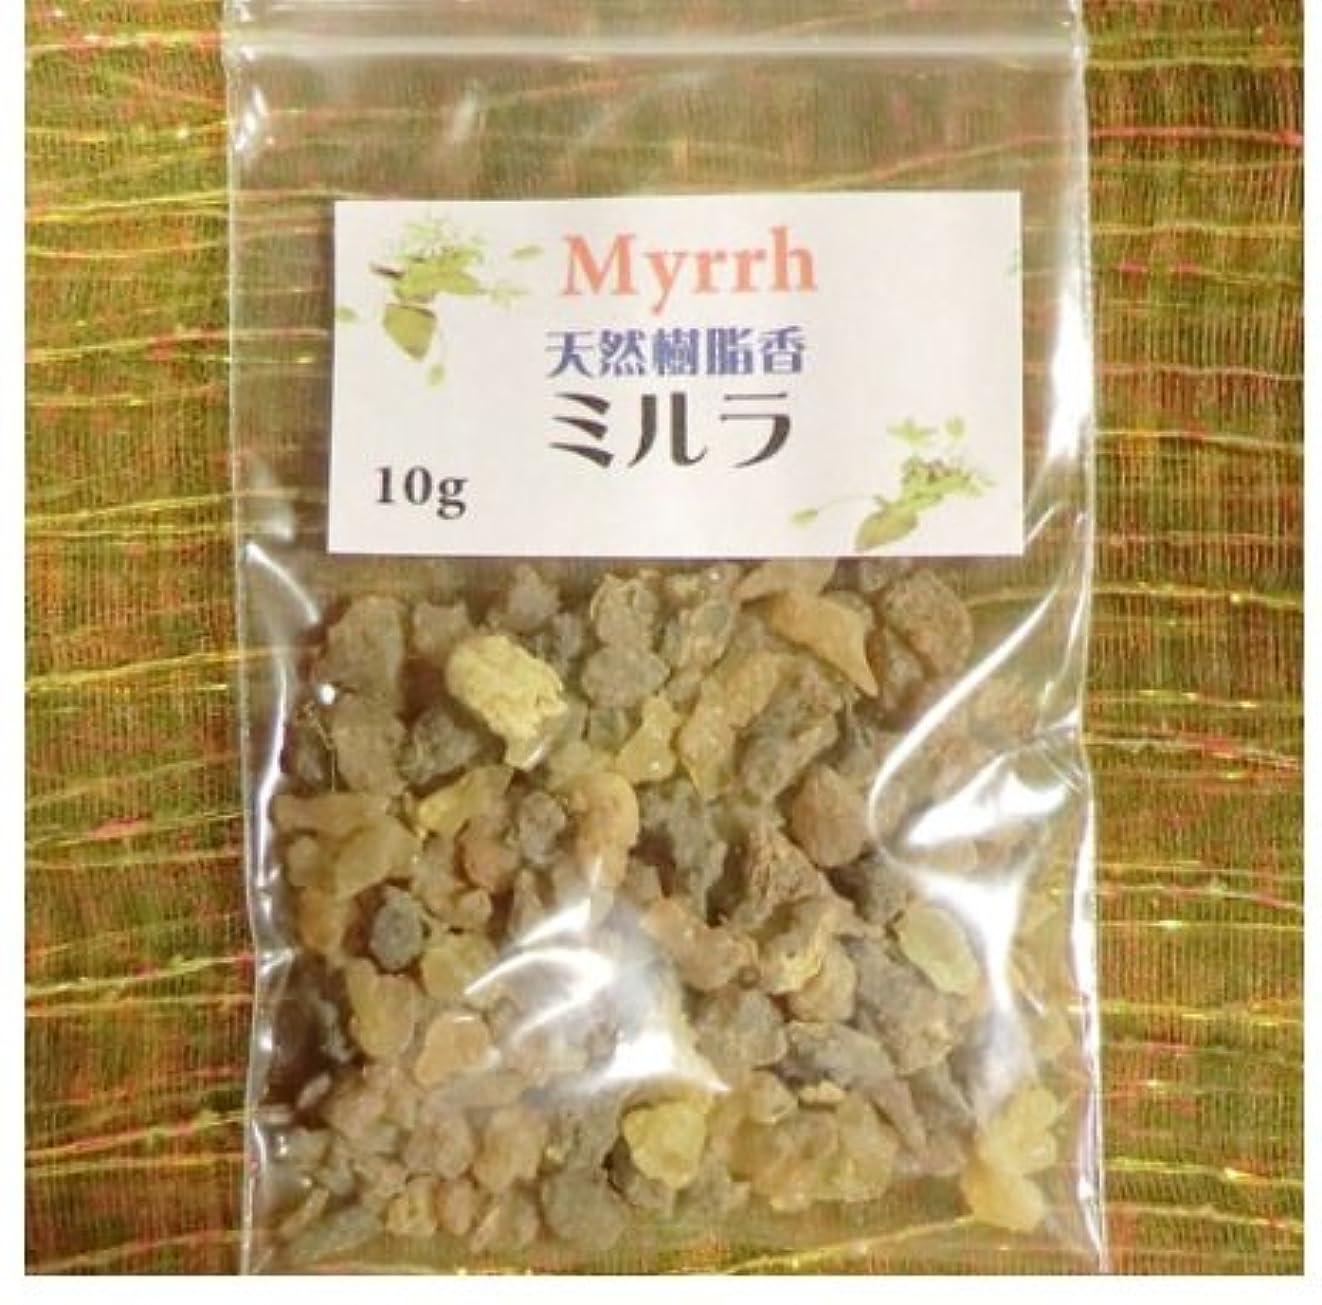 争いホラーデコードするミルラ Myrrh (没薬) 天然樹脂香 10g (ミルラ)